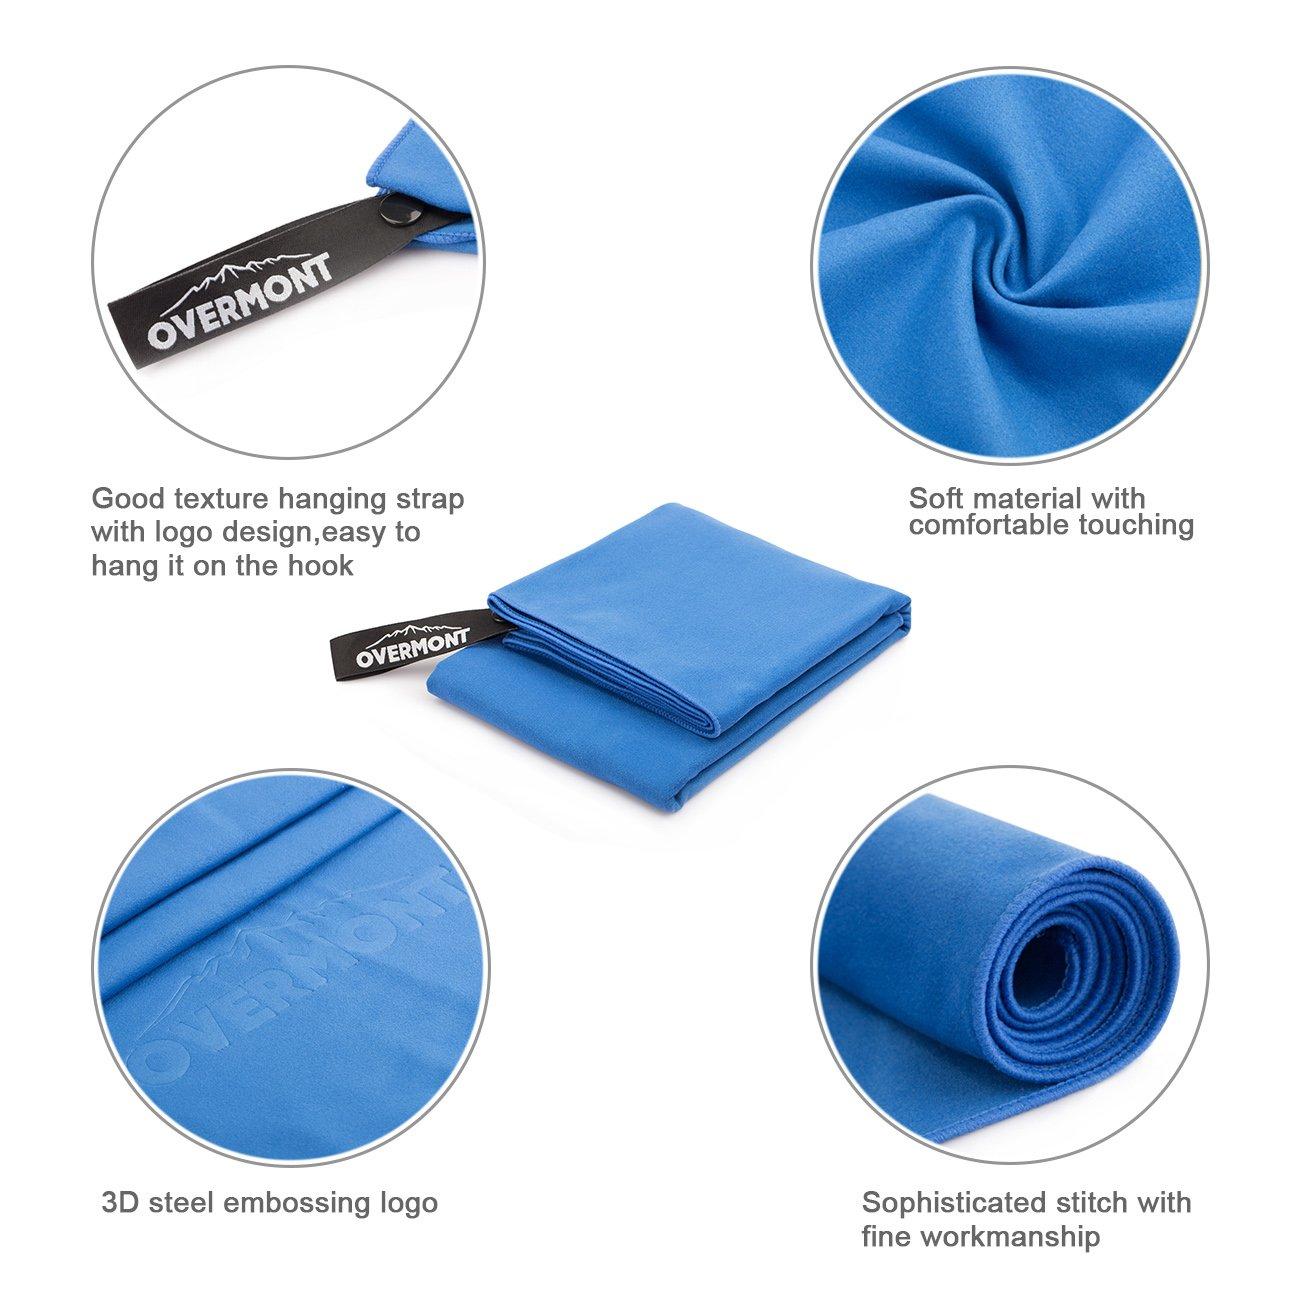 Overmont 2xToalla Deportiva Secado rápido de Microfibra Super Absorbente, Ideal para Deportes, Viajes, Playa, natación M, Violeta y Azul: Amazon.es: ...